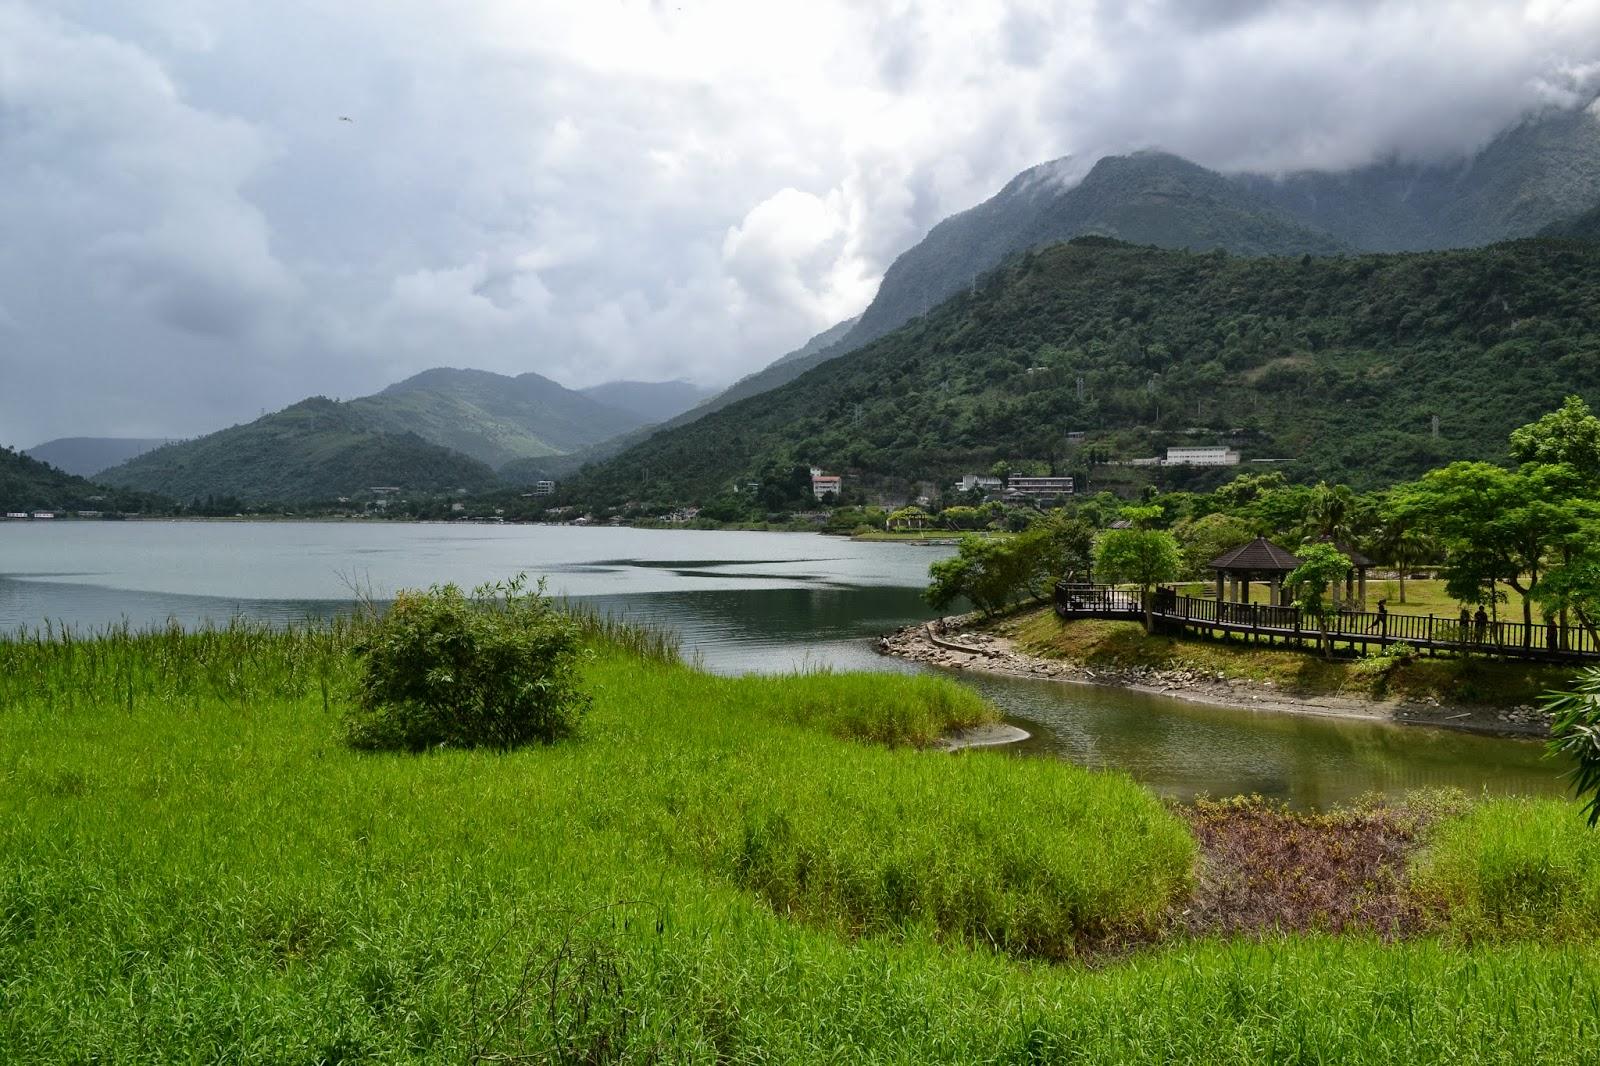 Nanda & Nathan The Travellers: Liyu Lake